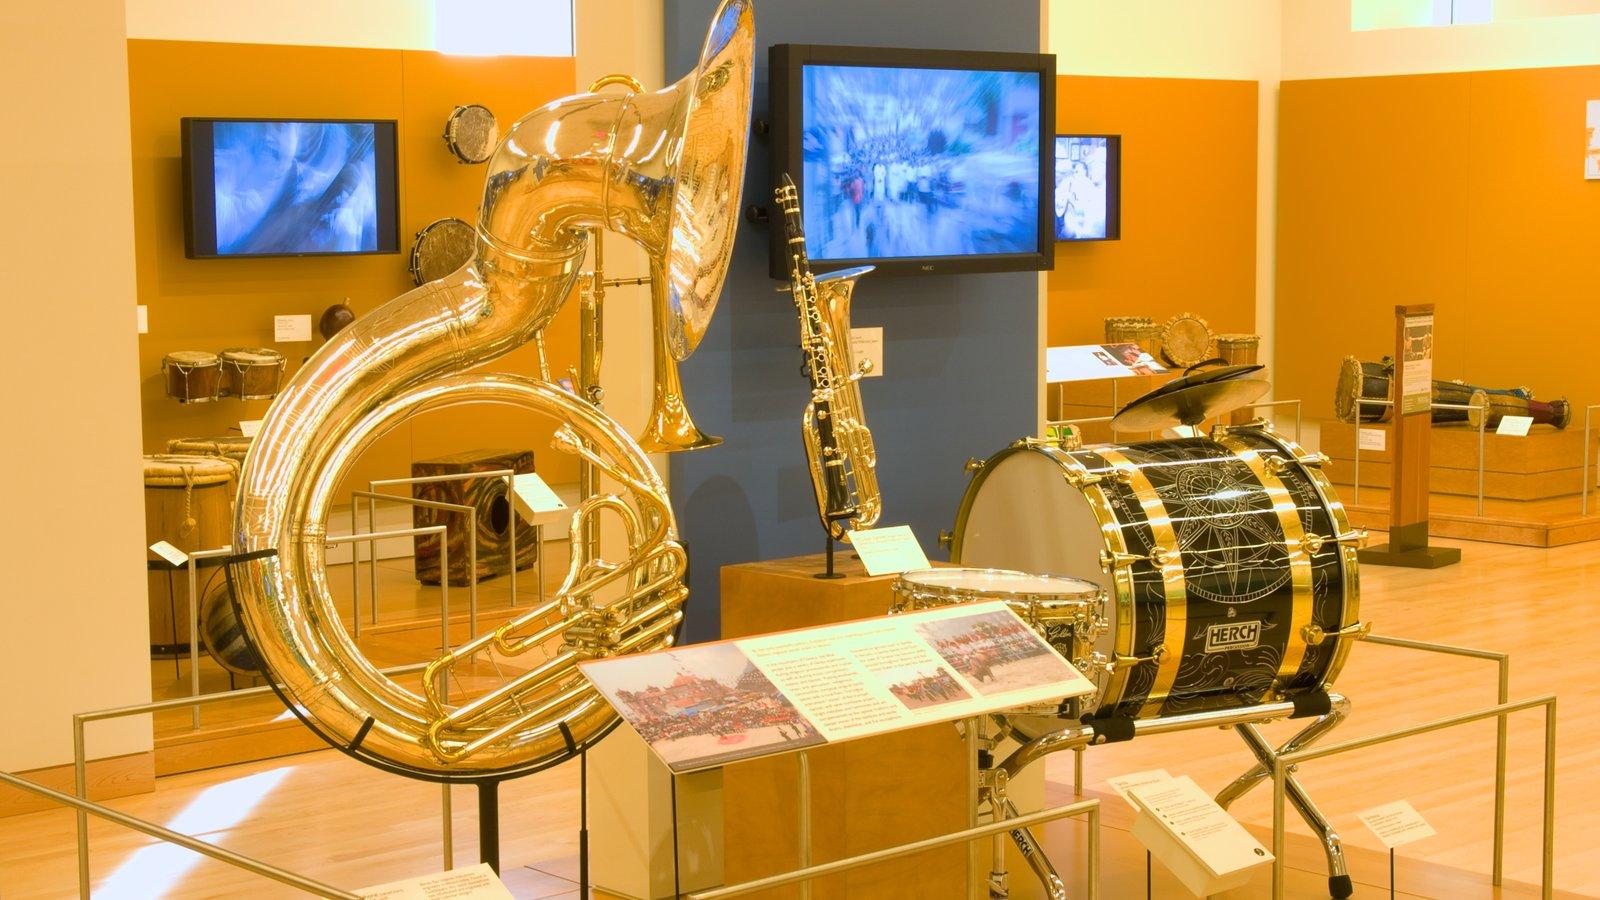 Museu dos Instrumentos Musicais mostrando vistas internas e música